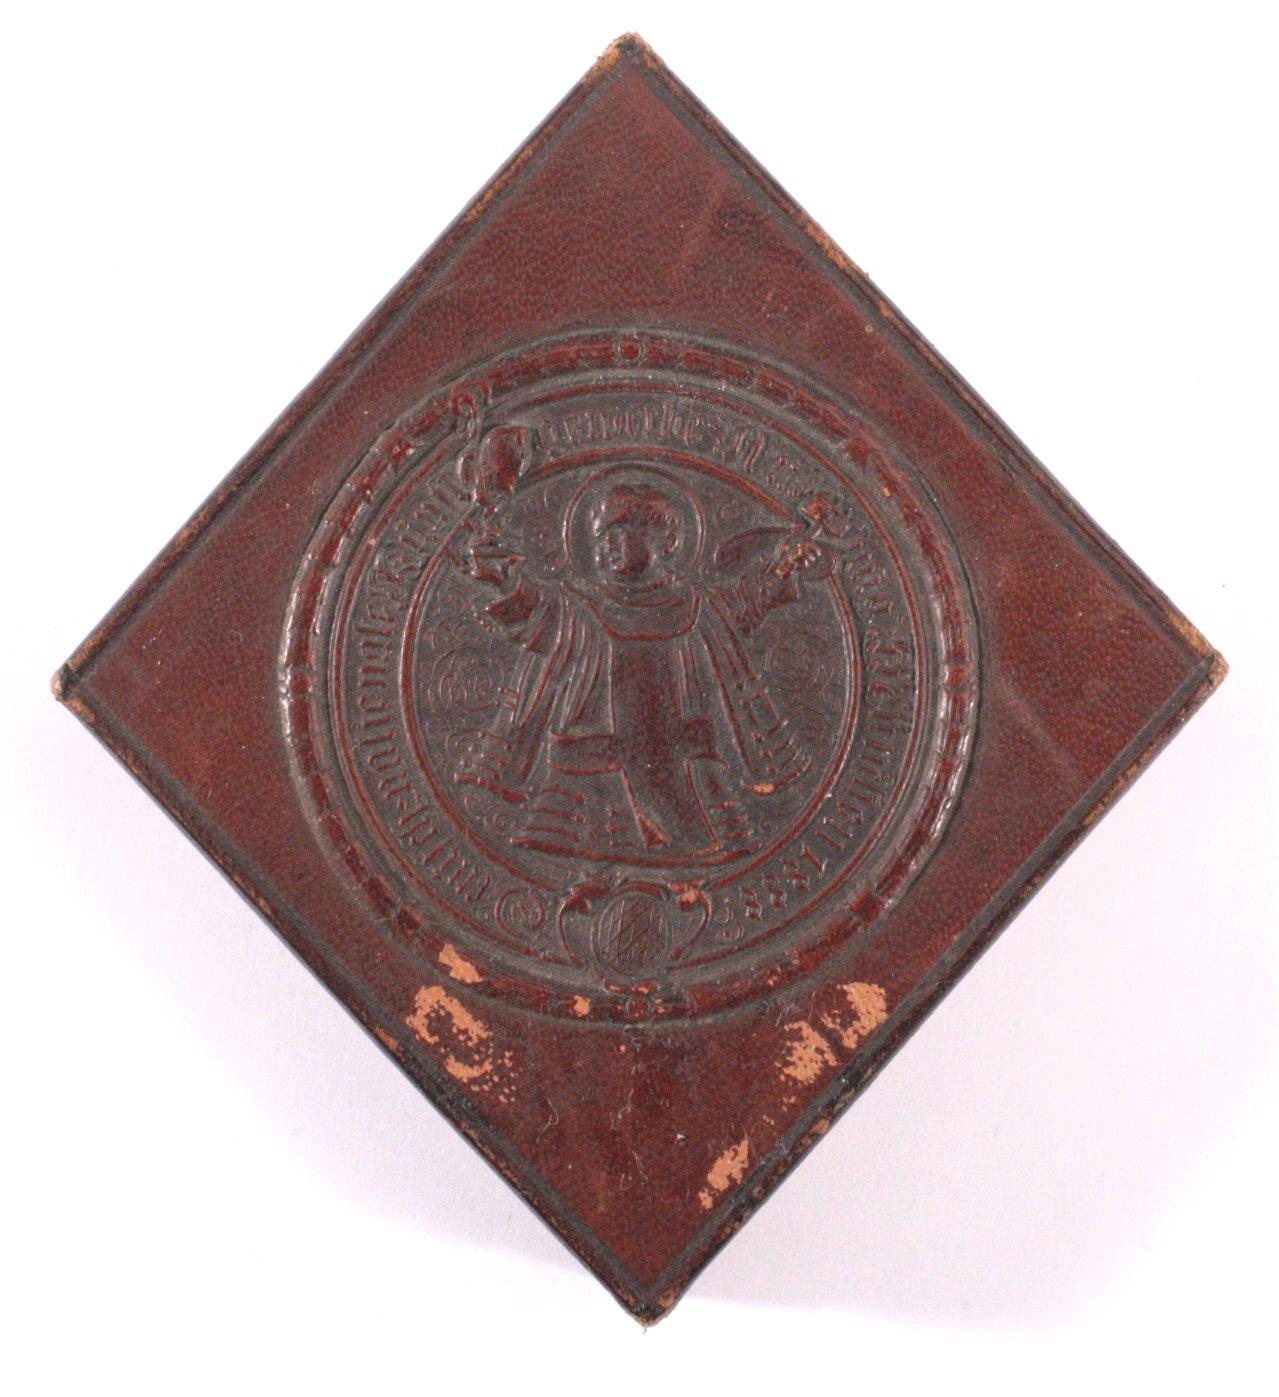 Plakette Deutsch Nationale Kunstgewerbeausstellung 1888-2